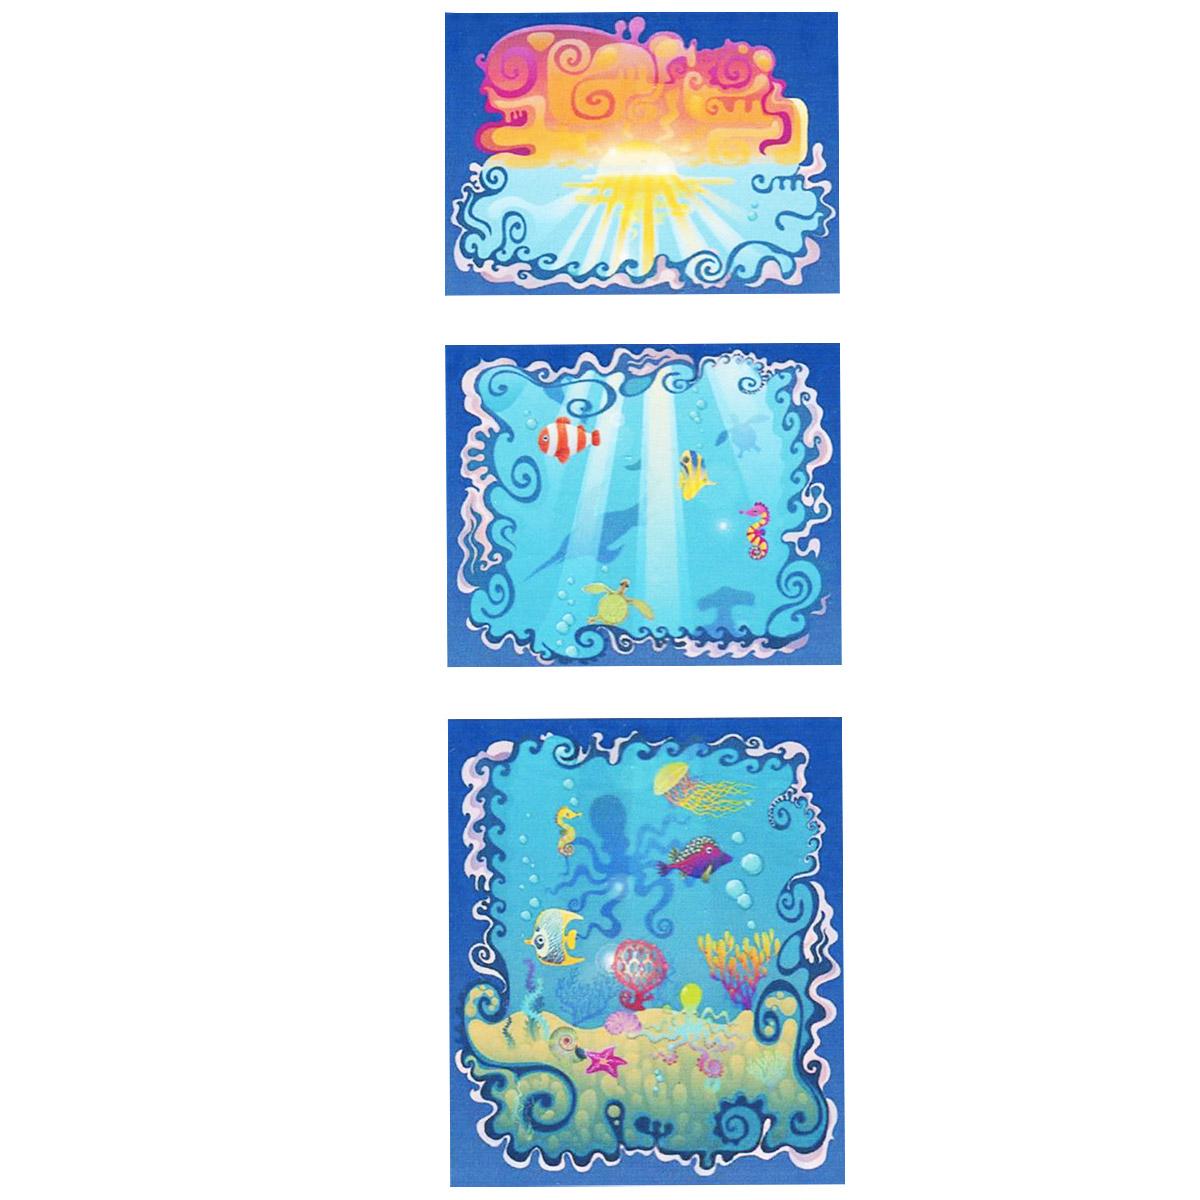 Модульная картина на холсте КвикДекор Тайны моря, 55 см х 156 см1327Модульная картина на холсте КвикДекор Тайны моря - это прекрасное решение для декора помещения. Картина состоит из трех частей (модулей) разного размера, объединенных общей тематикой. Изображение переходит из одного модуля в другой. Модули вешаются на расстоянии 2-3 см друг от друга.Латексная печать (без запаха) на натуральном х/б холсте, галерейная натяжка на деревянные подрамники из высококачественной сосны. Такая картина будет потрясающе смотреться в детской комнате. Она привнесет в интерьер яркий акцент и сделает обстановку комфортной и уютной. Яркие краски и интересное оформление обязательно понравятся вашему малышу. Картина в стрейч-пленке с защитными картонными уголками упакована в гофрокоробку с термоусадкой. Размер модулей: 55 см х 40 см (1 шт); 55 см х 45 см (1 шт); 55 см х 65 см (1 шт). Количество модулей: 3 шт. Общий размер картины: 55 см х 156 см. Художник: Анна Морозова, Ольга Парфенова.